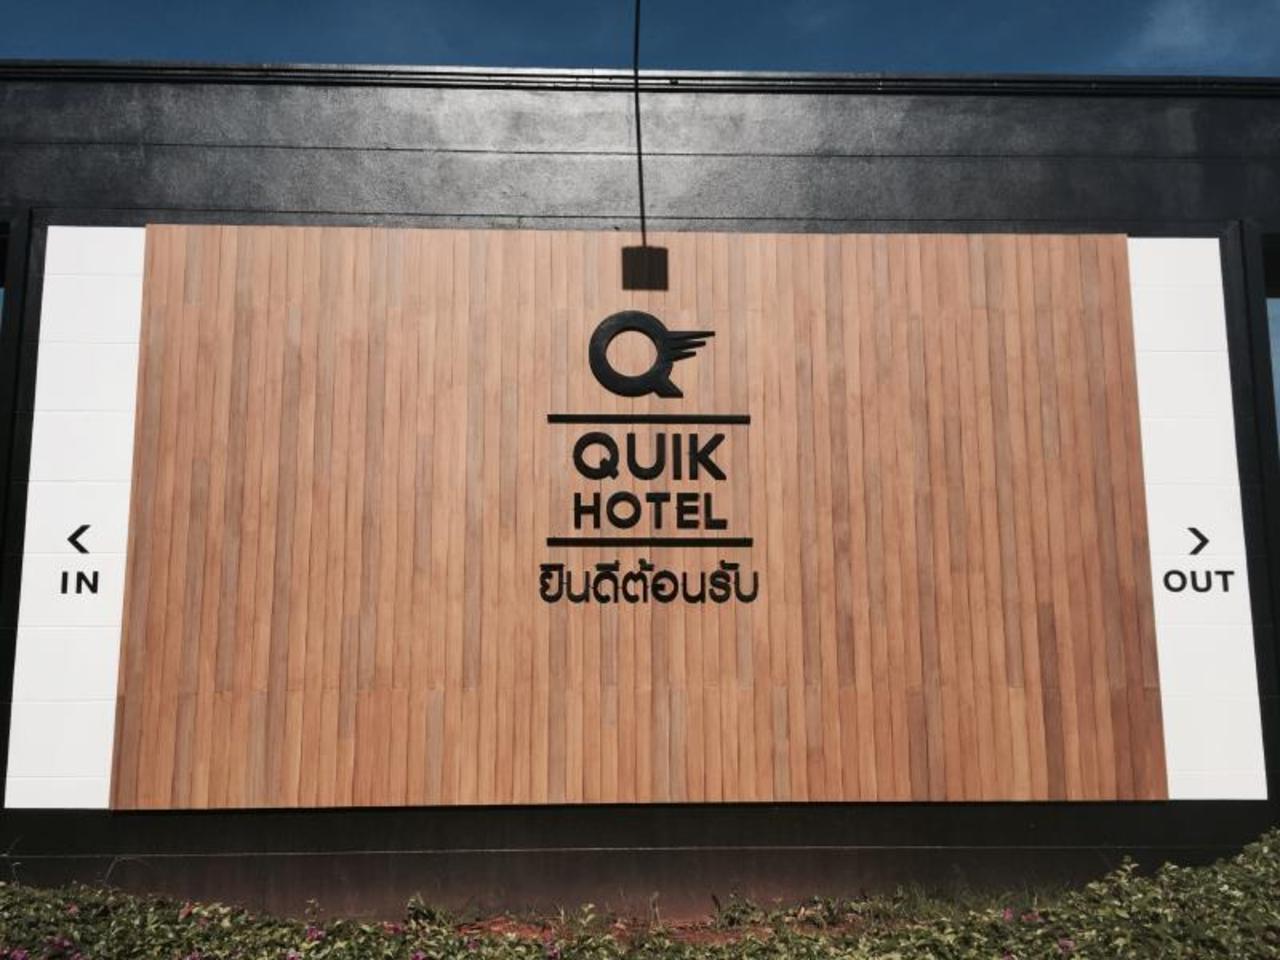 โรงแรมควิก (Quik Hotel)